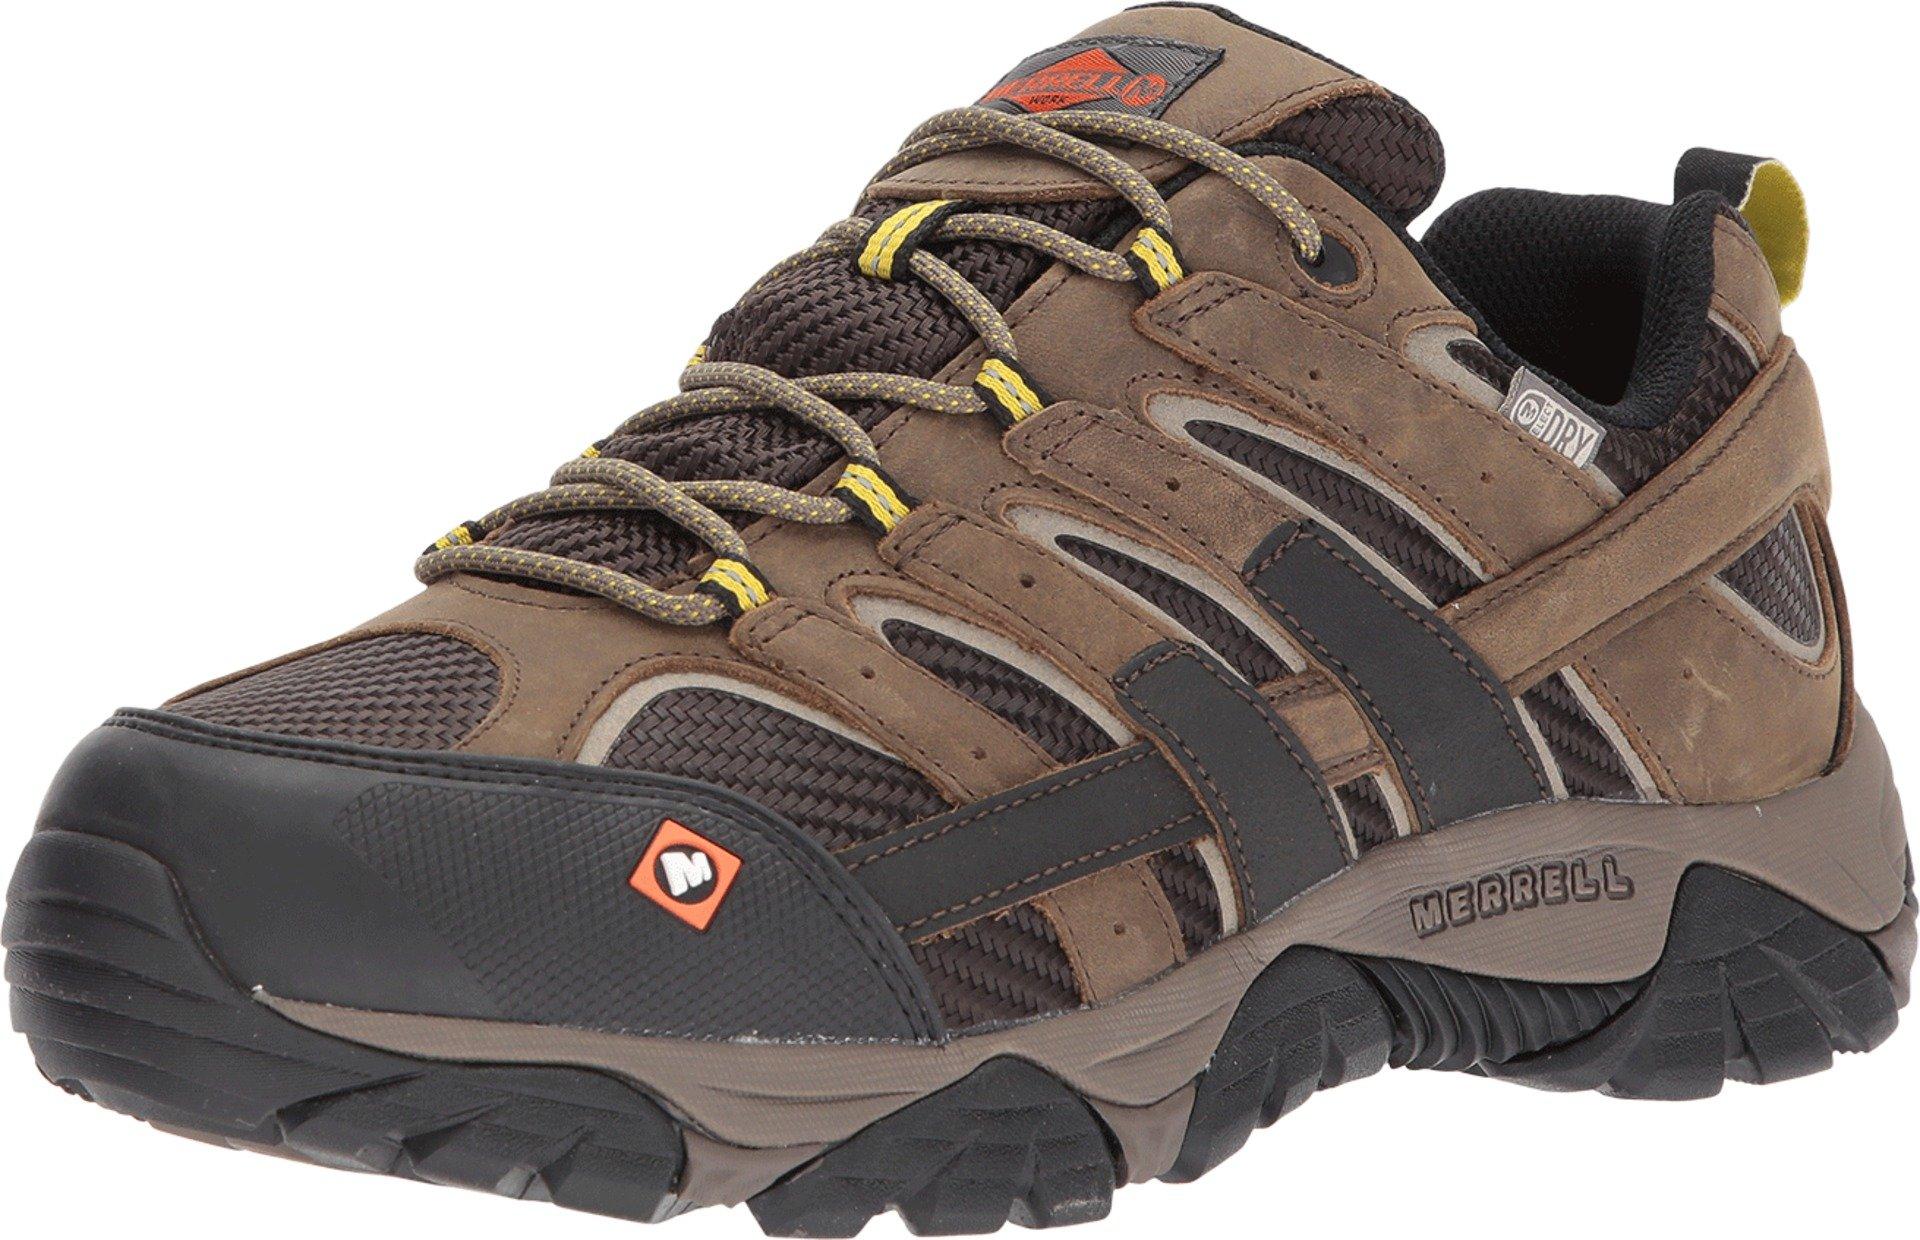 c934de2872c Merrell Men's Moab 2 Waterproof Hiking Shoe -